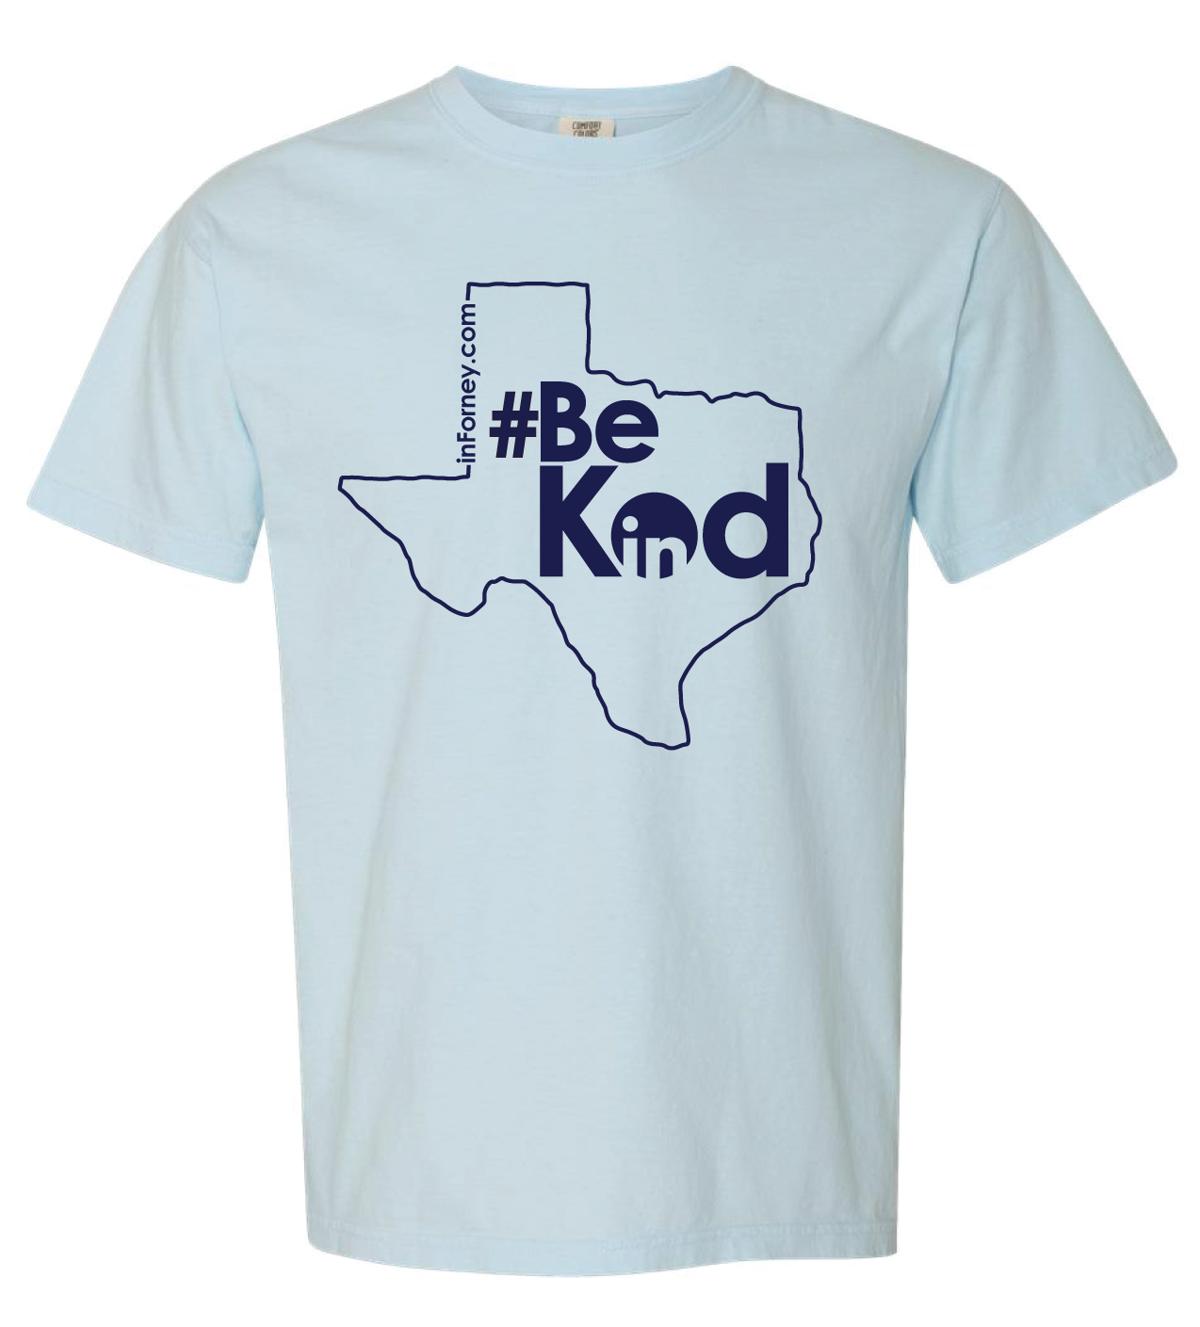 Holiday 2020 - #BeKind Shirt